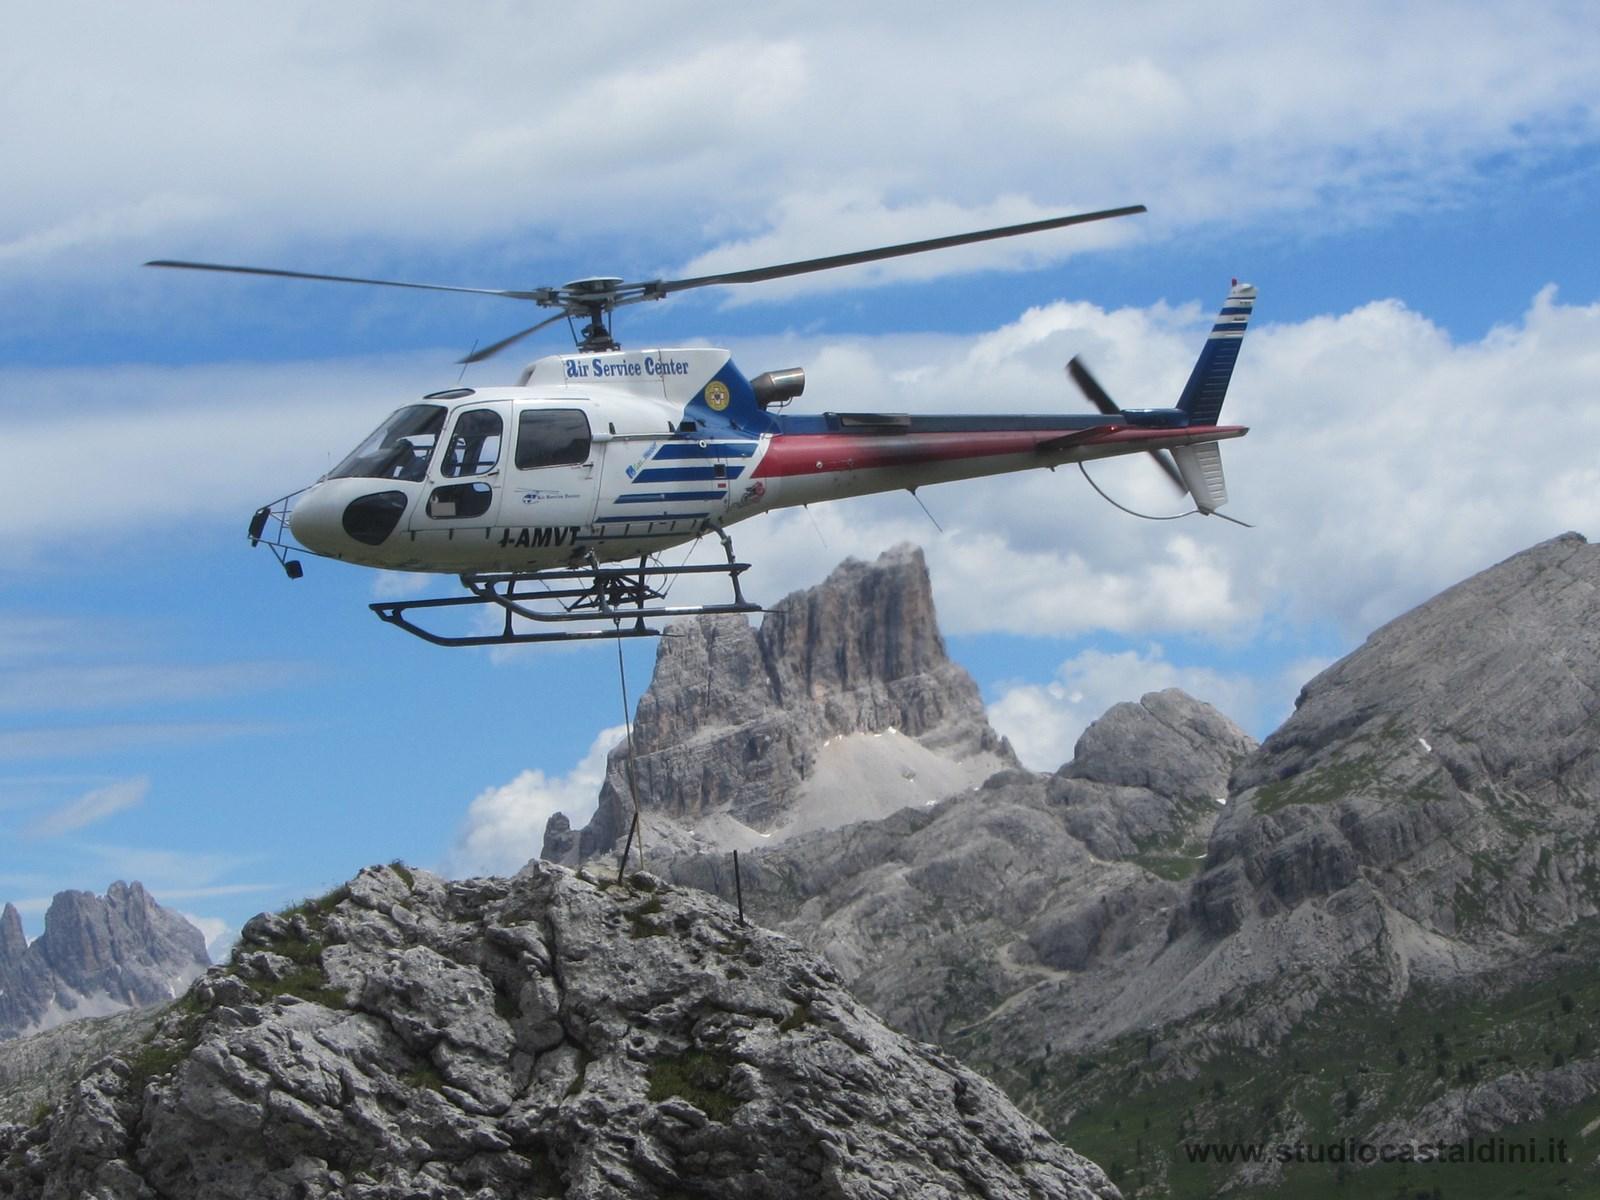 gestione, logistica e sicurezza dei lavori in quota con impiego di elicottero